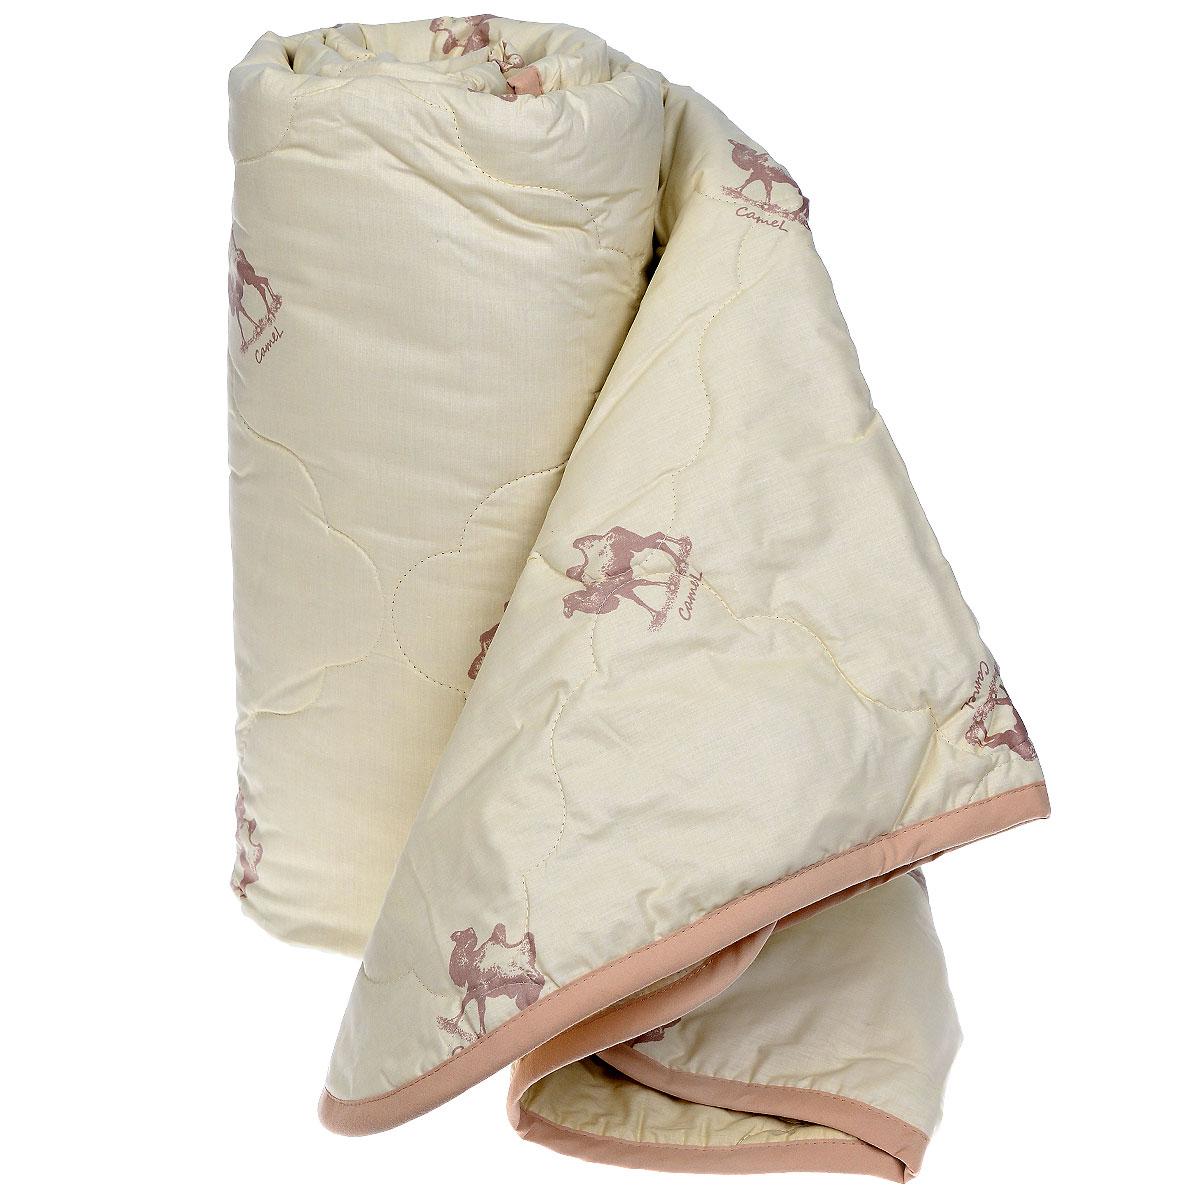 Одеяло Sova & Javoronok, наполнитель: верблюжья шерсть, цвет: бежевый, 200 х 220 см5030116085Чехол одеяла Sova & Javoronok выполнен из высококачественного плотного материала тик(100% хлопок). Наполнитель одеяла изготовлен из верблюжьей шерсти. Стежка надежноудерживает наполнитель внутри и не позволяет ему скатываться.Особенности наполнителя: - исключительные терморегулирующие свойства; - высокое качество прочеса и промывки шерсти; - великолепные ощущения комфорта и уюта. Верблюжья шерсть обладает целебными качествами, содержит наиболее высокий процентланолина (животного воска), который является природным антисептиком и благоприятновоздействует на организм по целому ряду показателей: оказывает благотворное действие намышцы, суставы, позвоночник, нормализует кровообращение, имеет профилактическийэффект при заболевания опорно-двигательного аппарата. Кроме того, верблюжья шерстьантистатична.Шерсть верблюда сохраняет прохладу в период жаркого лета и удерживает тепло во времясуровой зимы.Одеяло упакована в прозрачный пластиковый чехол на змейке с ручкой, что являетсячрезвычайно удобным при переноске. Рекомендации по уходу: - Стирка запрещена, - Нельзя отбеливать. При стирке не использовать средства, содержащие отбеливатели (хлор),- Не гладить. Не применять обработку паром, - Химчистка с использованием углеводорода, хлорного этилена, - Нельзя выжимать и сушить в стиральной машине.Размер одеяла: 200 см х 220 см.Материал чехла: тик (100% хлопок).Материал наполнителя: верблюжья шерсть.